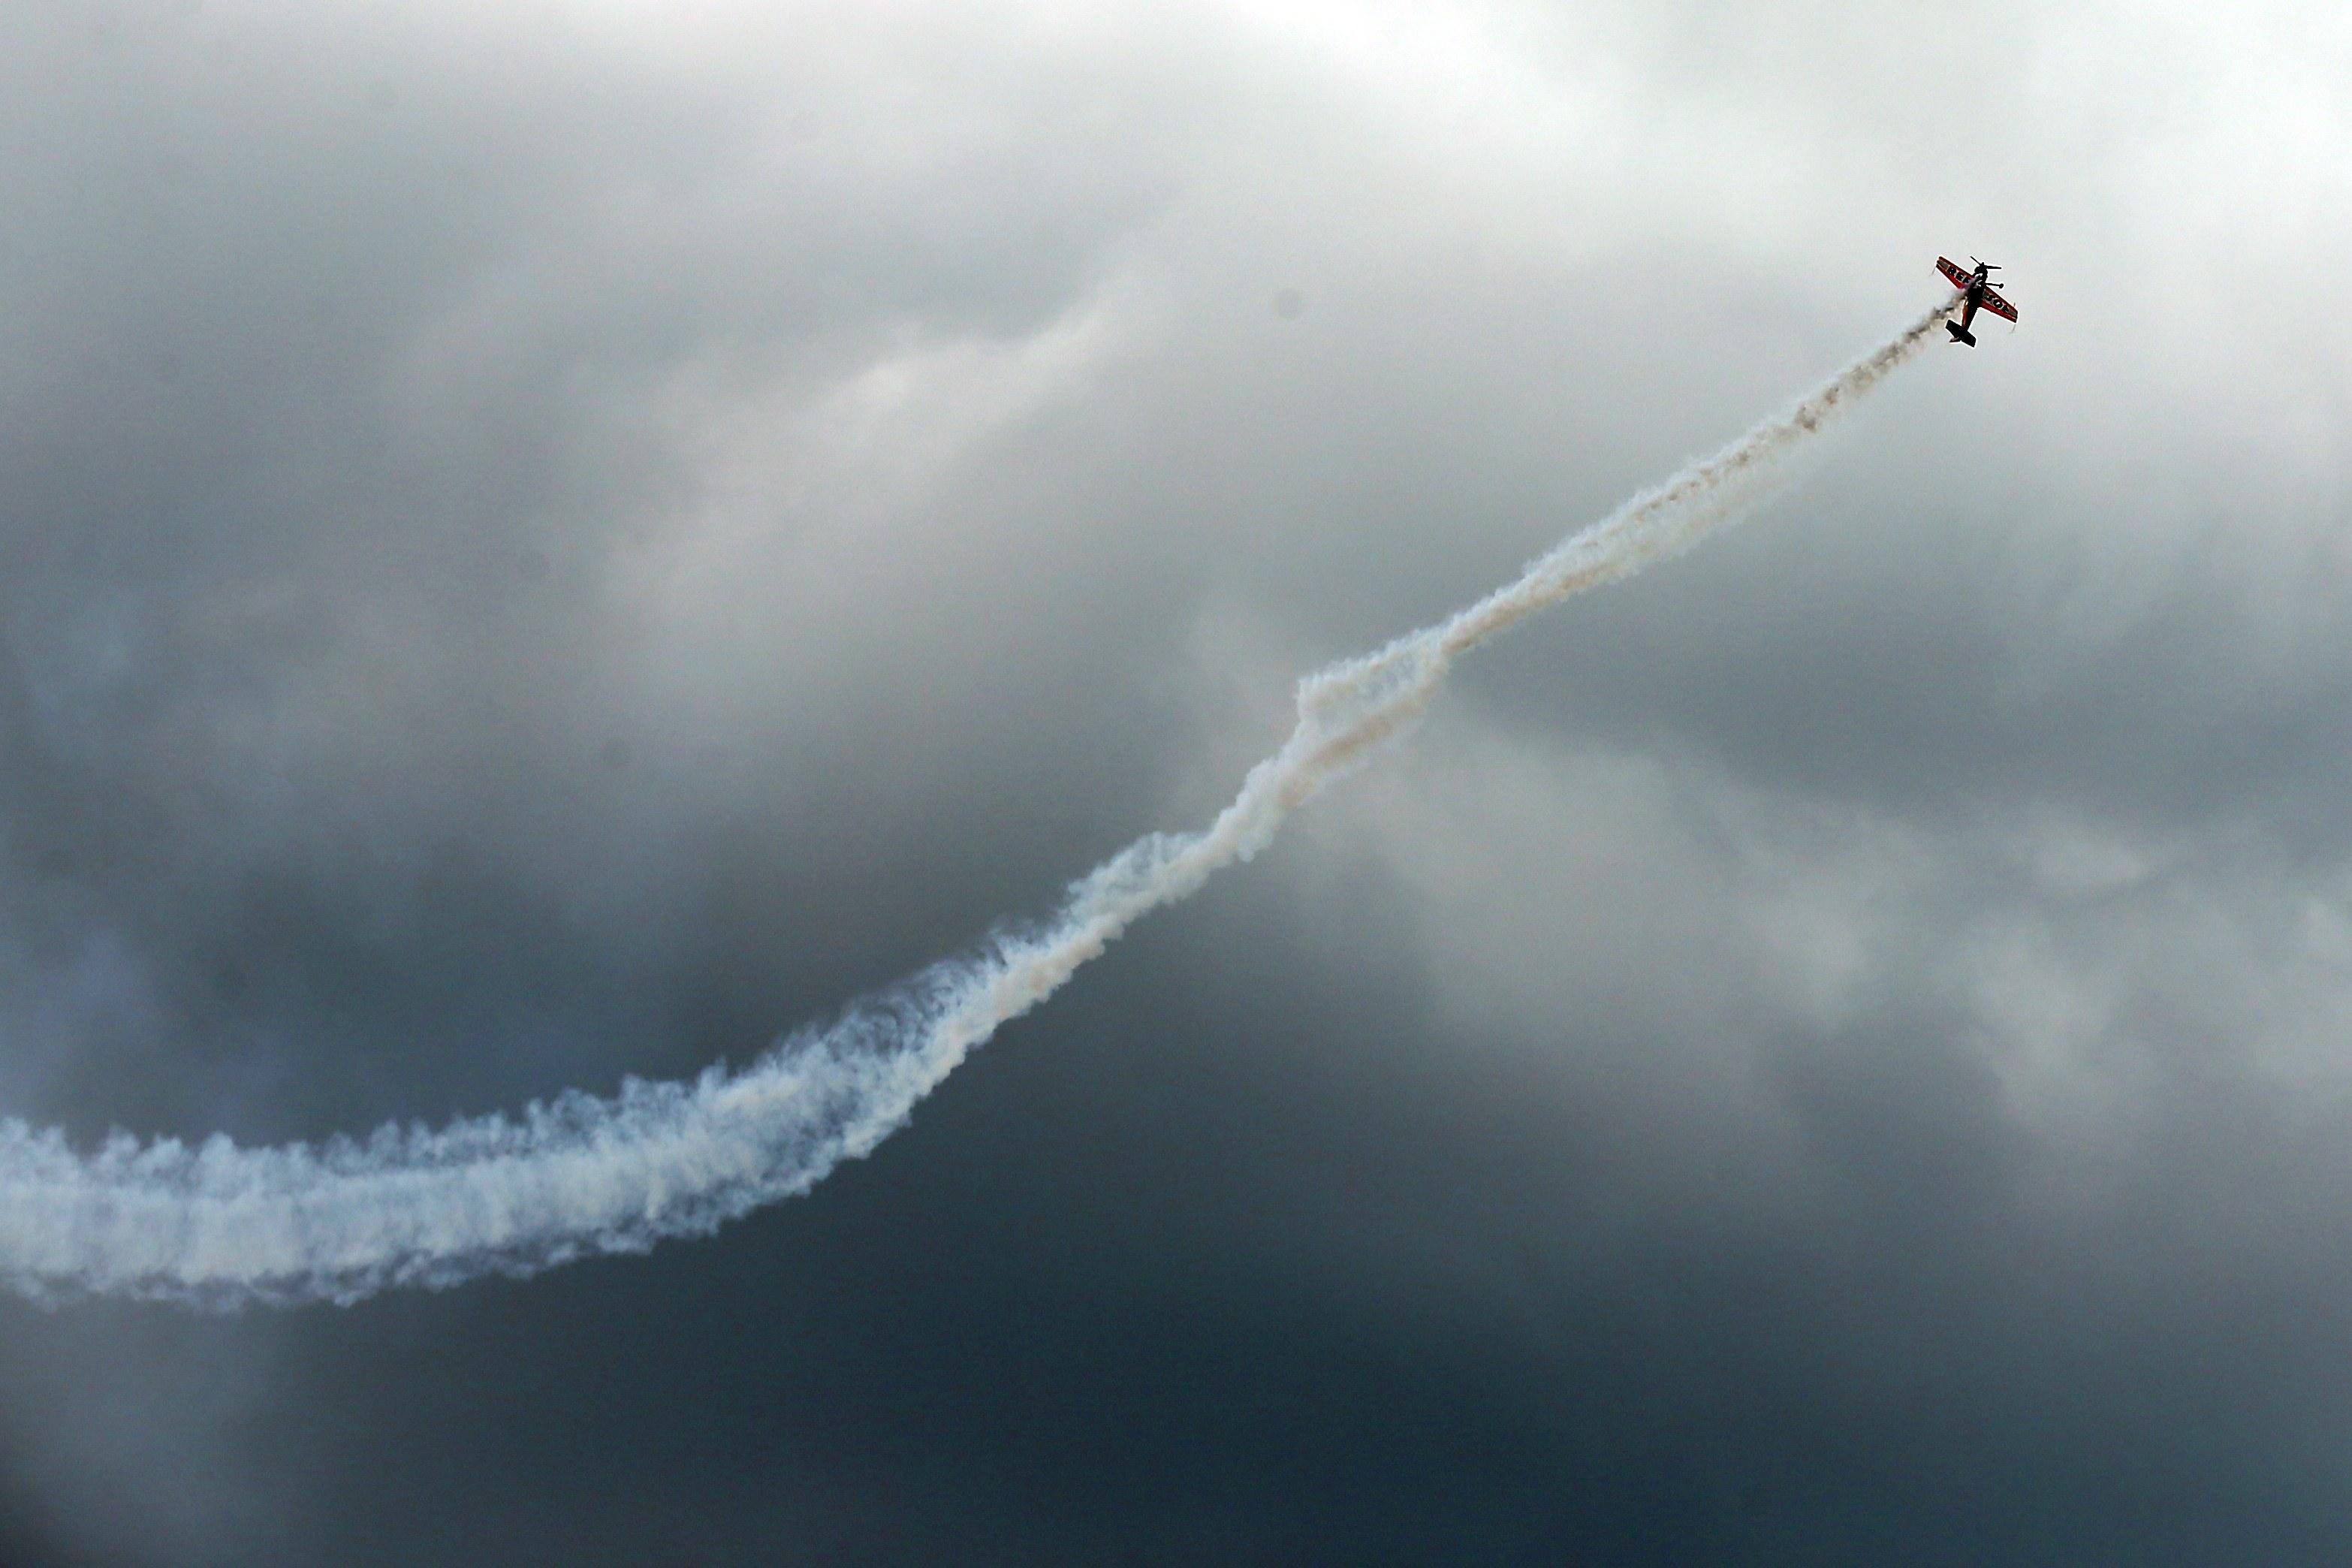 Entre acrobacias e aterragens, o Portugal Air Summit foca-se nas pessoas para conquistar os céus